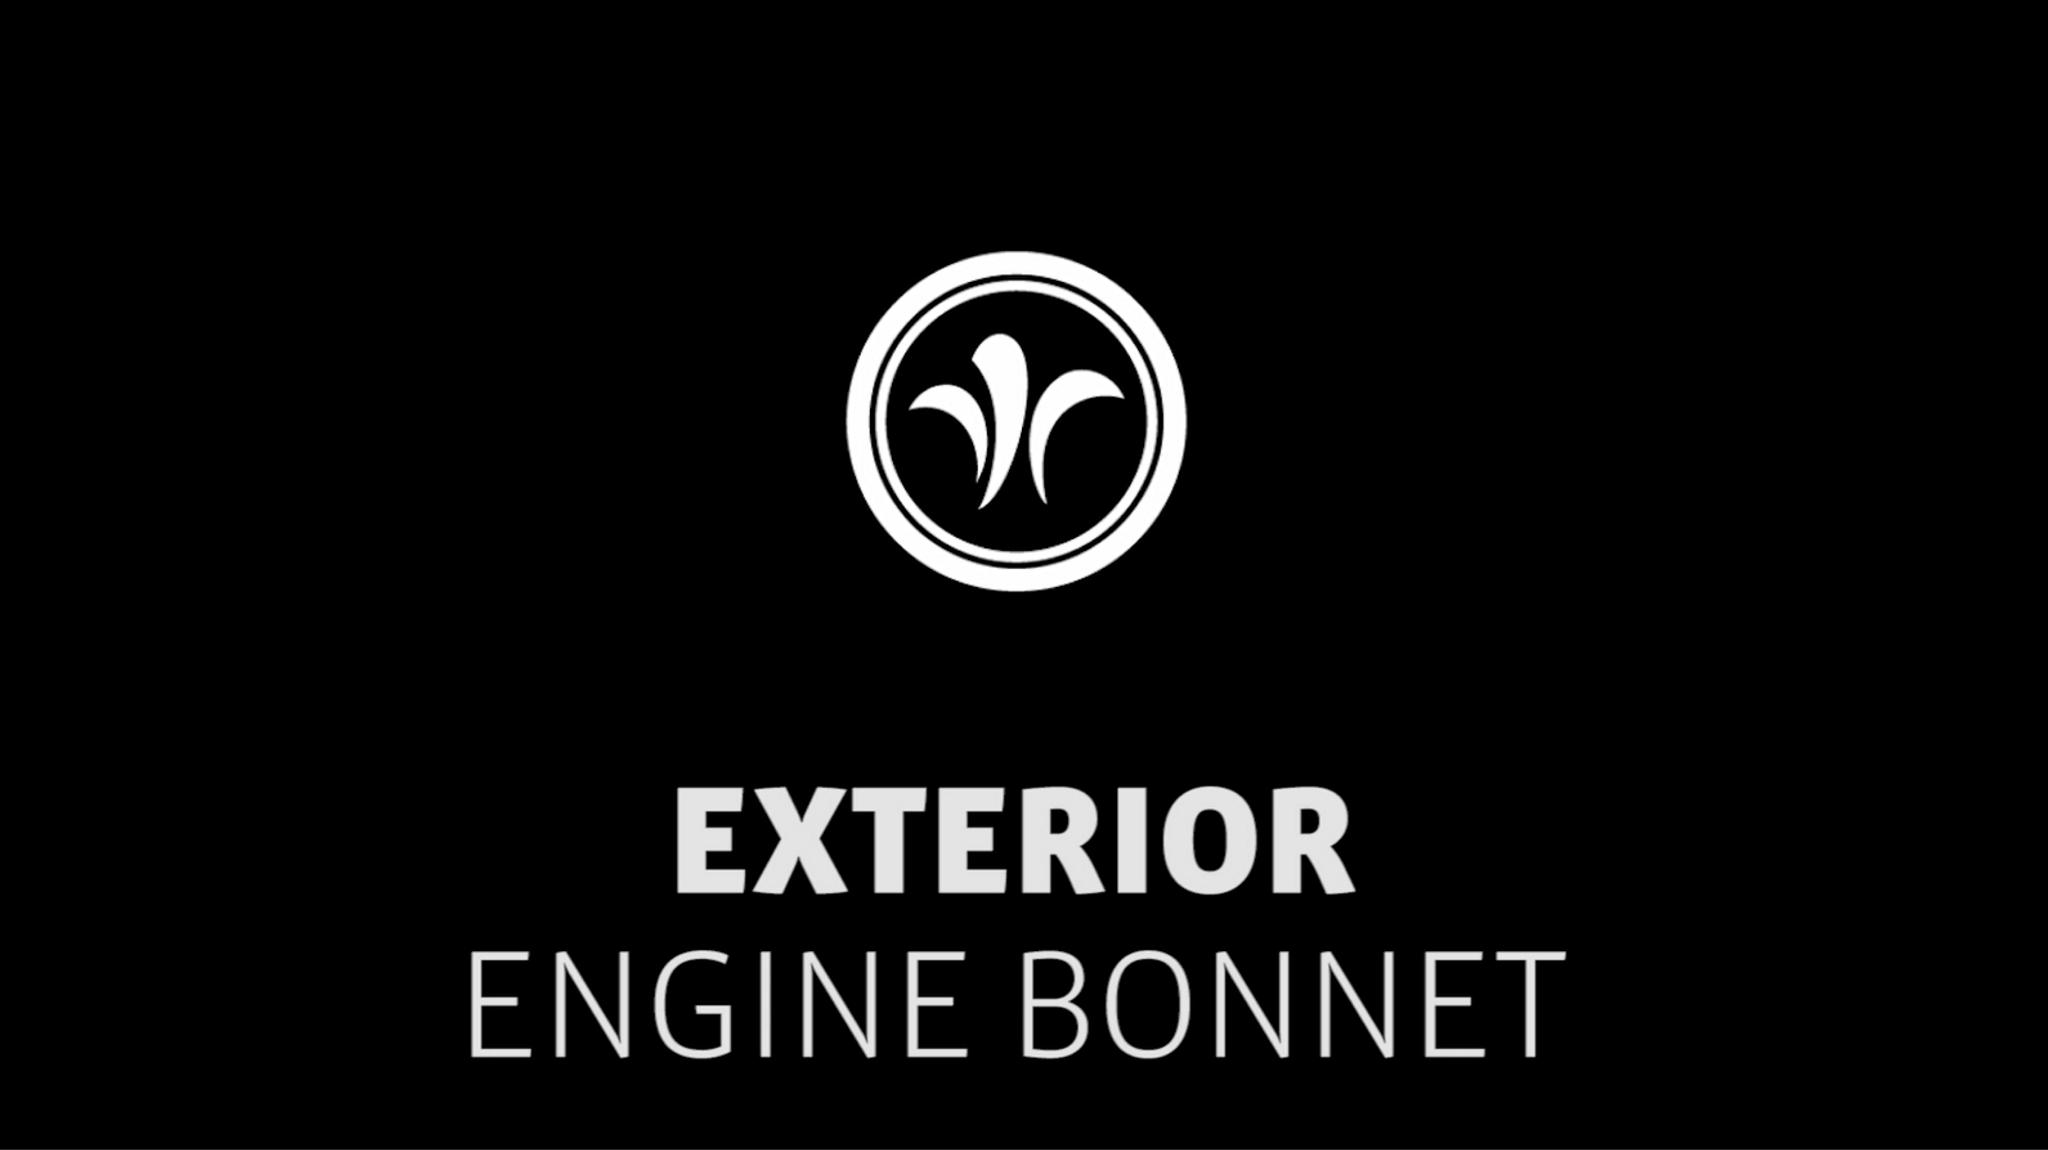 motorhome engine bonnet // niesmann+bischoff - camper (model ARTO) // 2019 // EX5